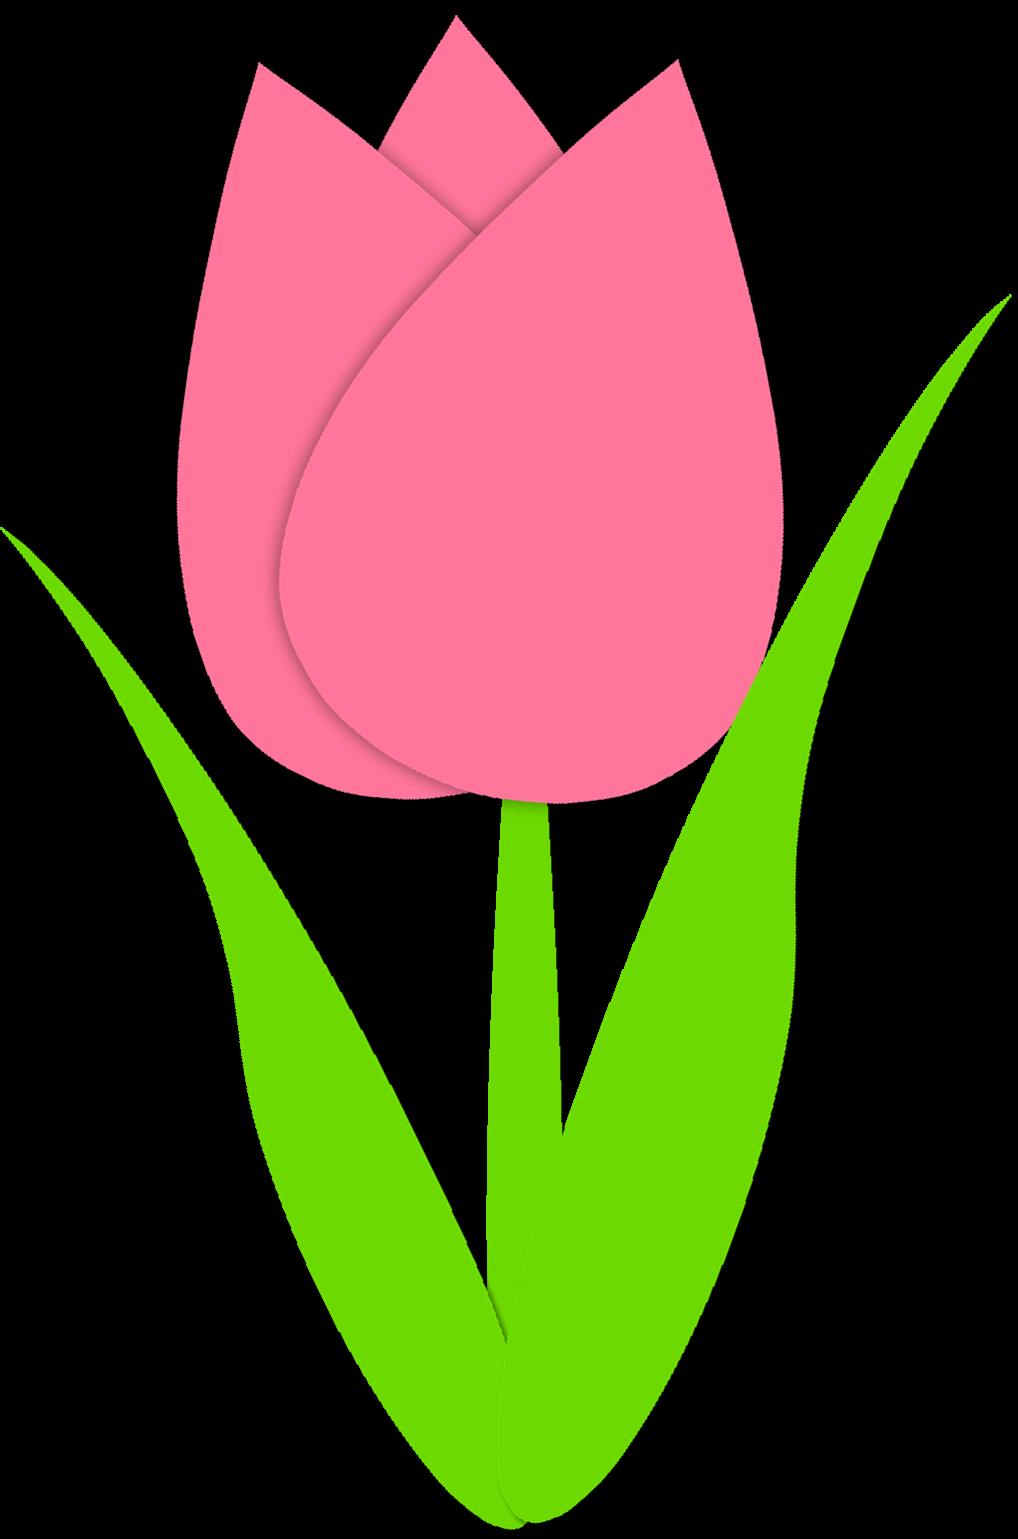 Tulip clipart 2